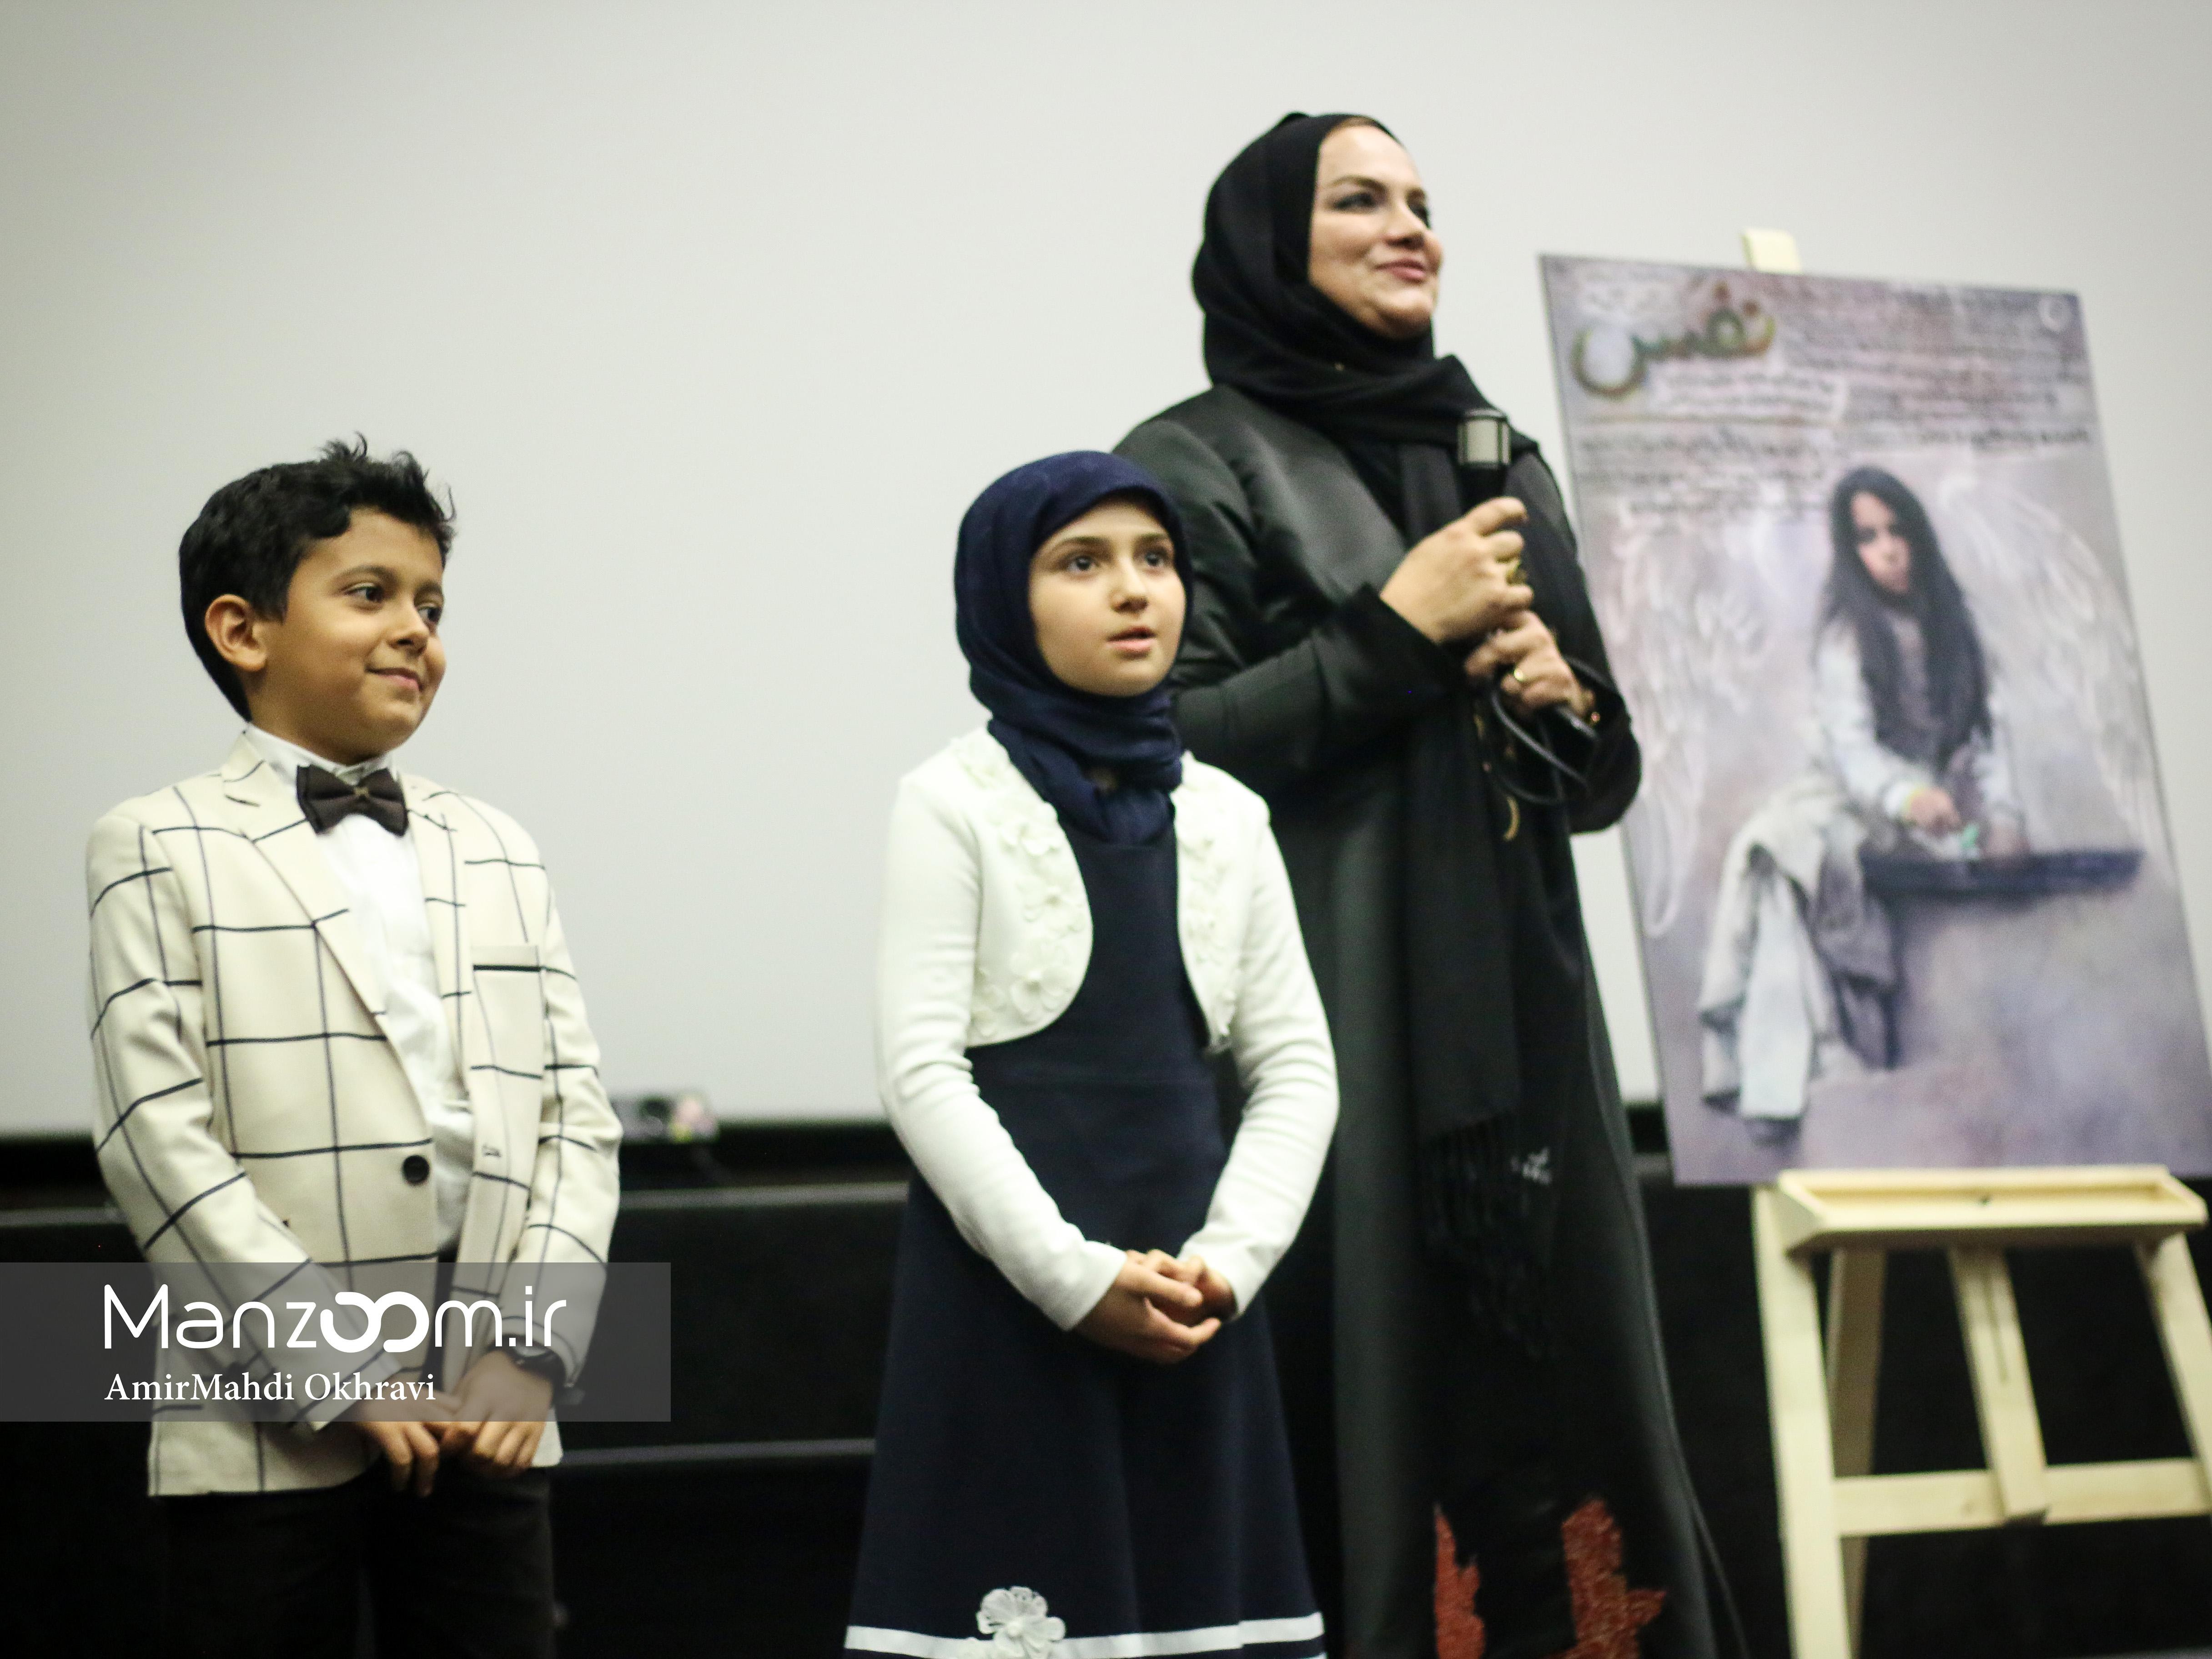 تصاویر اختصاصی منظوم از اکران افتتاحیه «نفس»